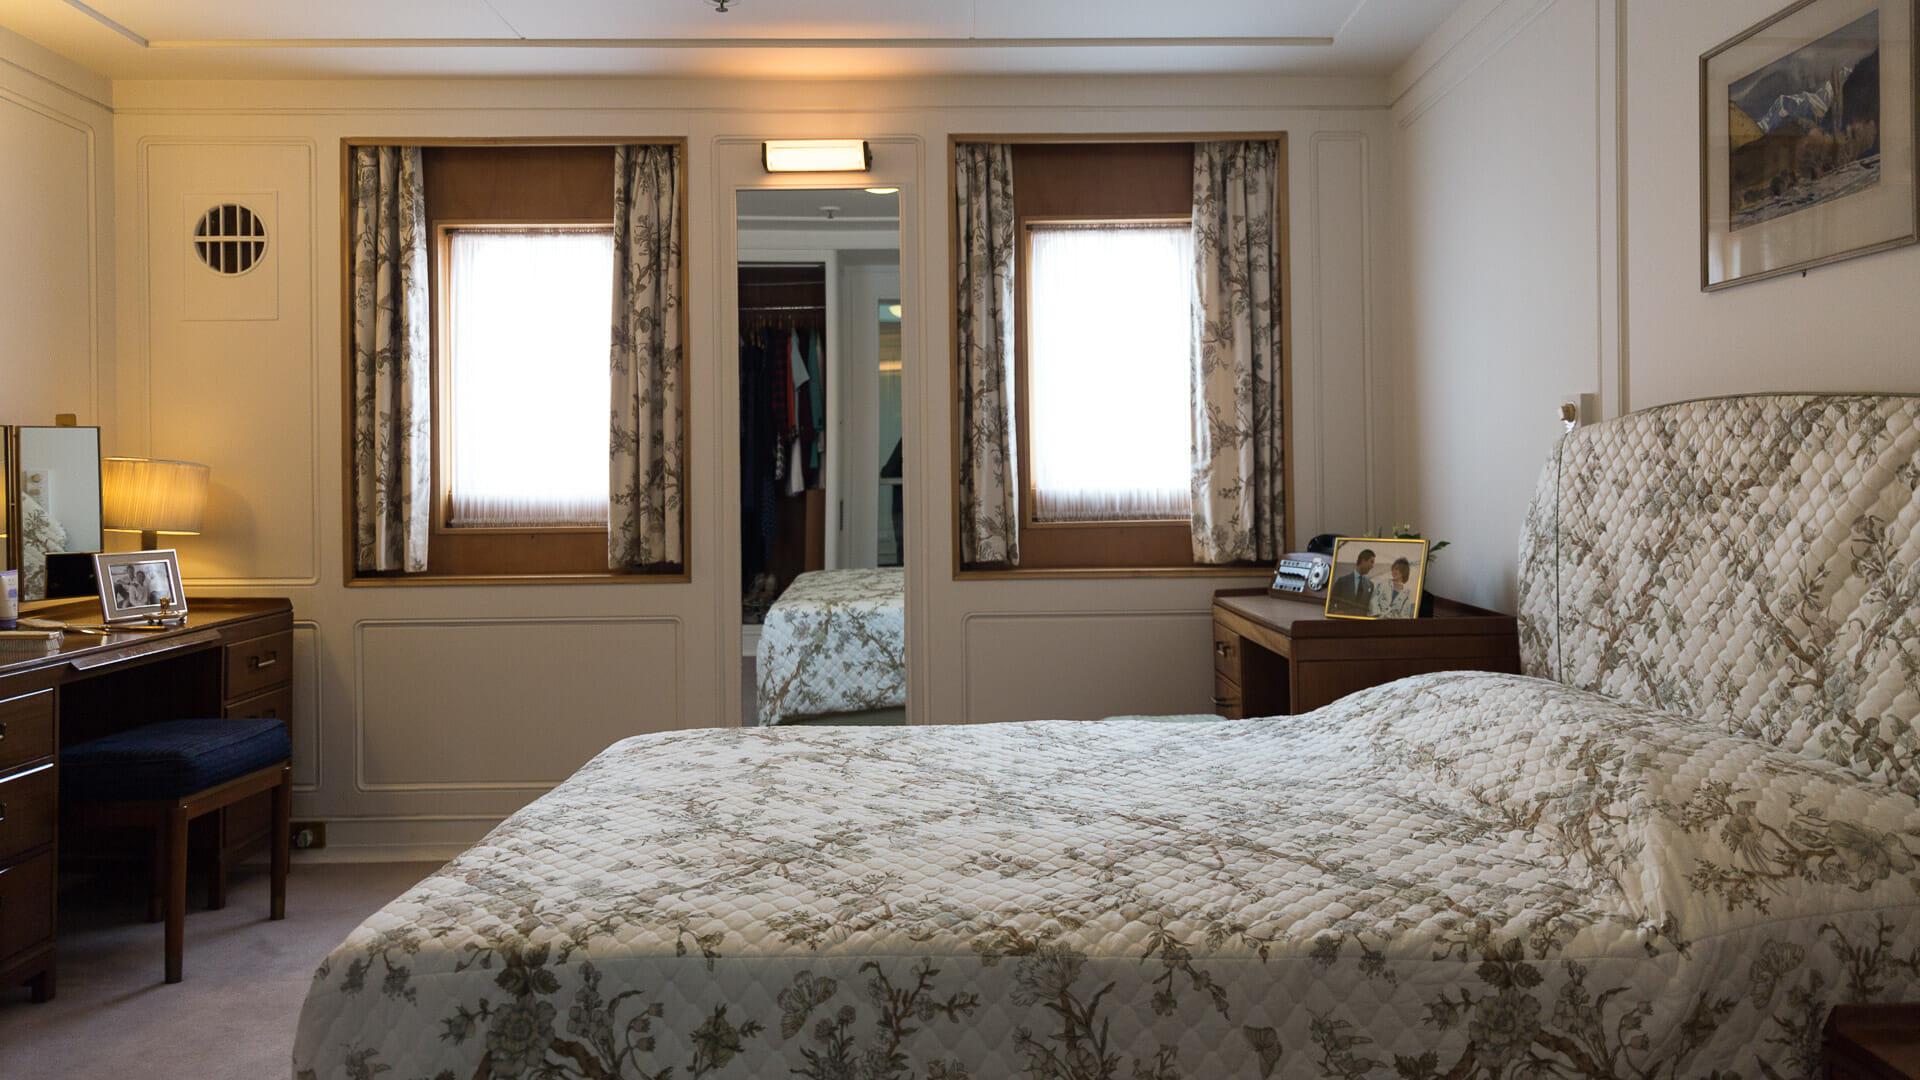 Die Suite, in der Charles und Diana die Flitterwochen verbrachten